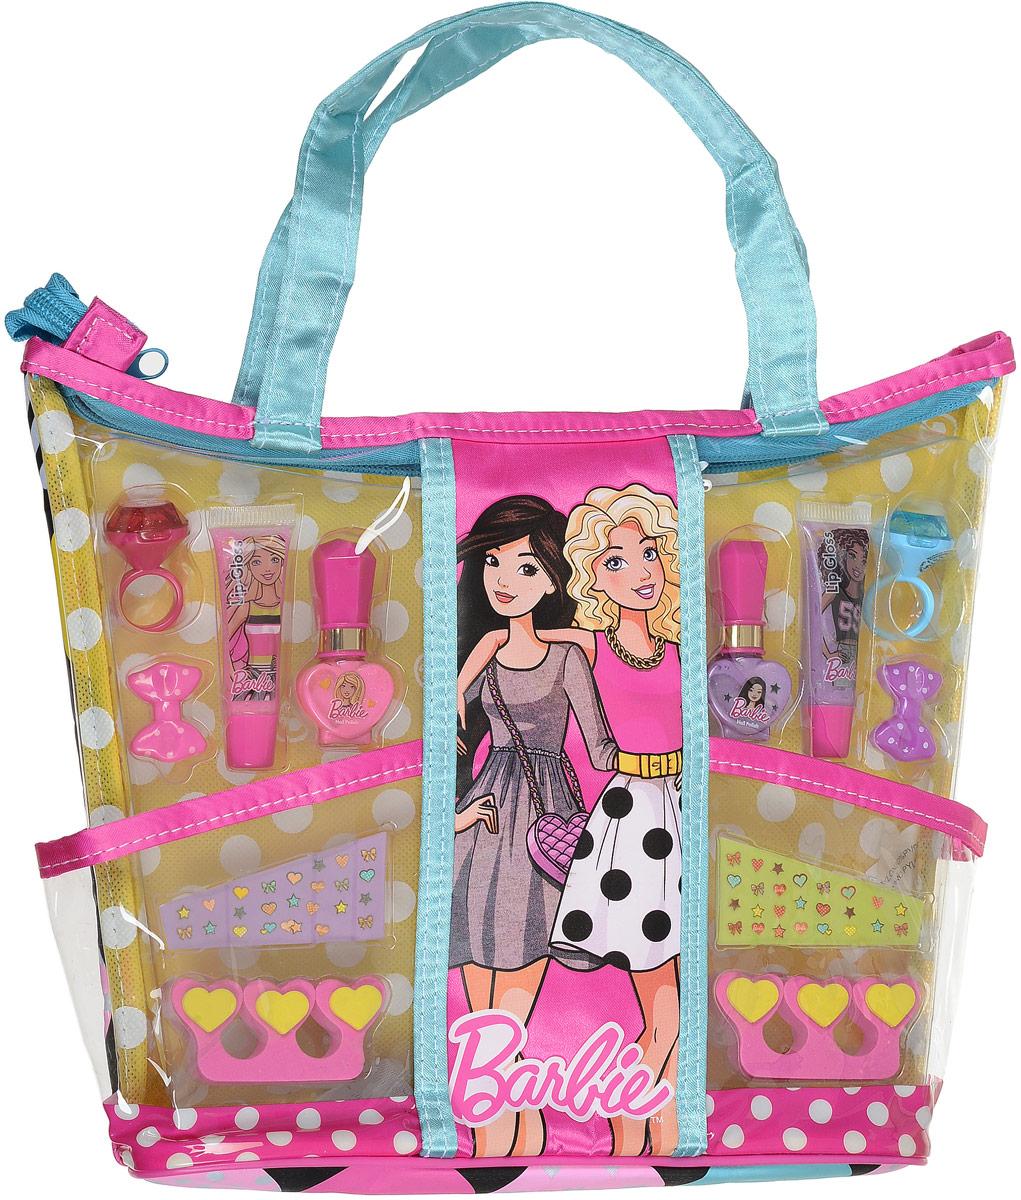 Markwins Игровой набор детской декоративной косметики Barbie 9709251 - Для детей